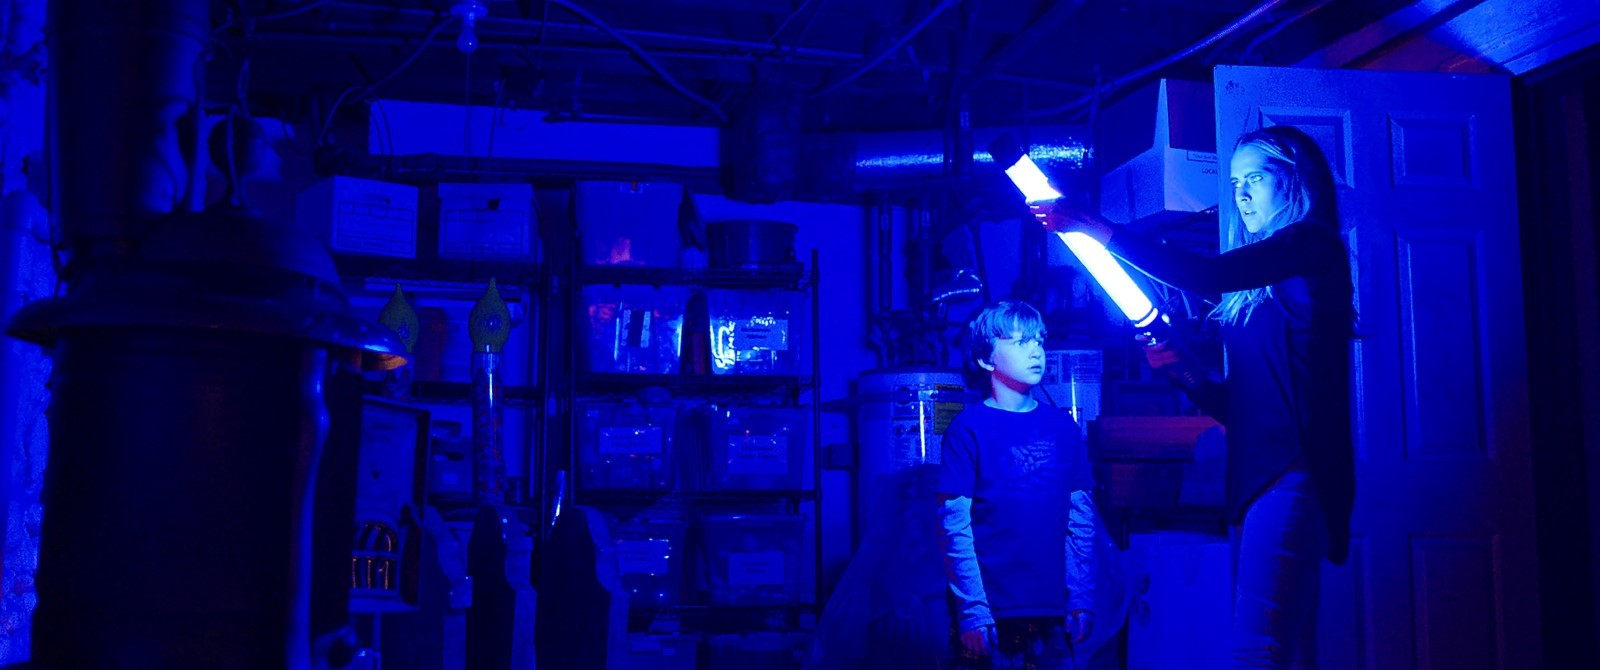 Işıklar Sönünce Filmi Tek Link indir Ekran Görüntüsü 2